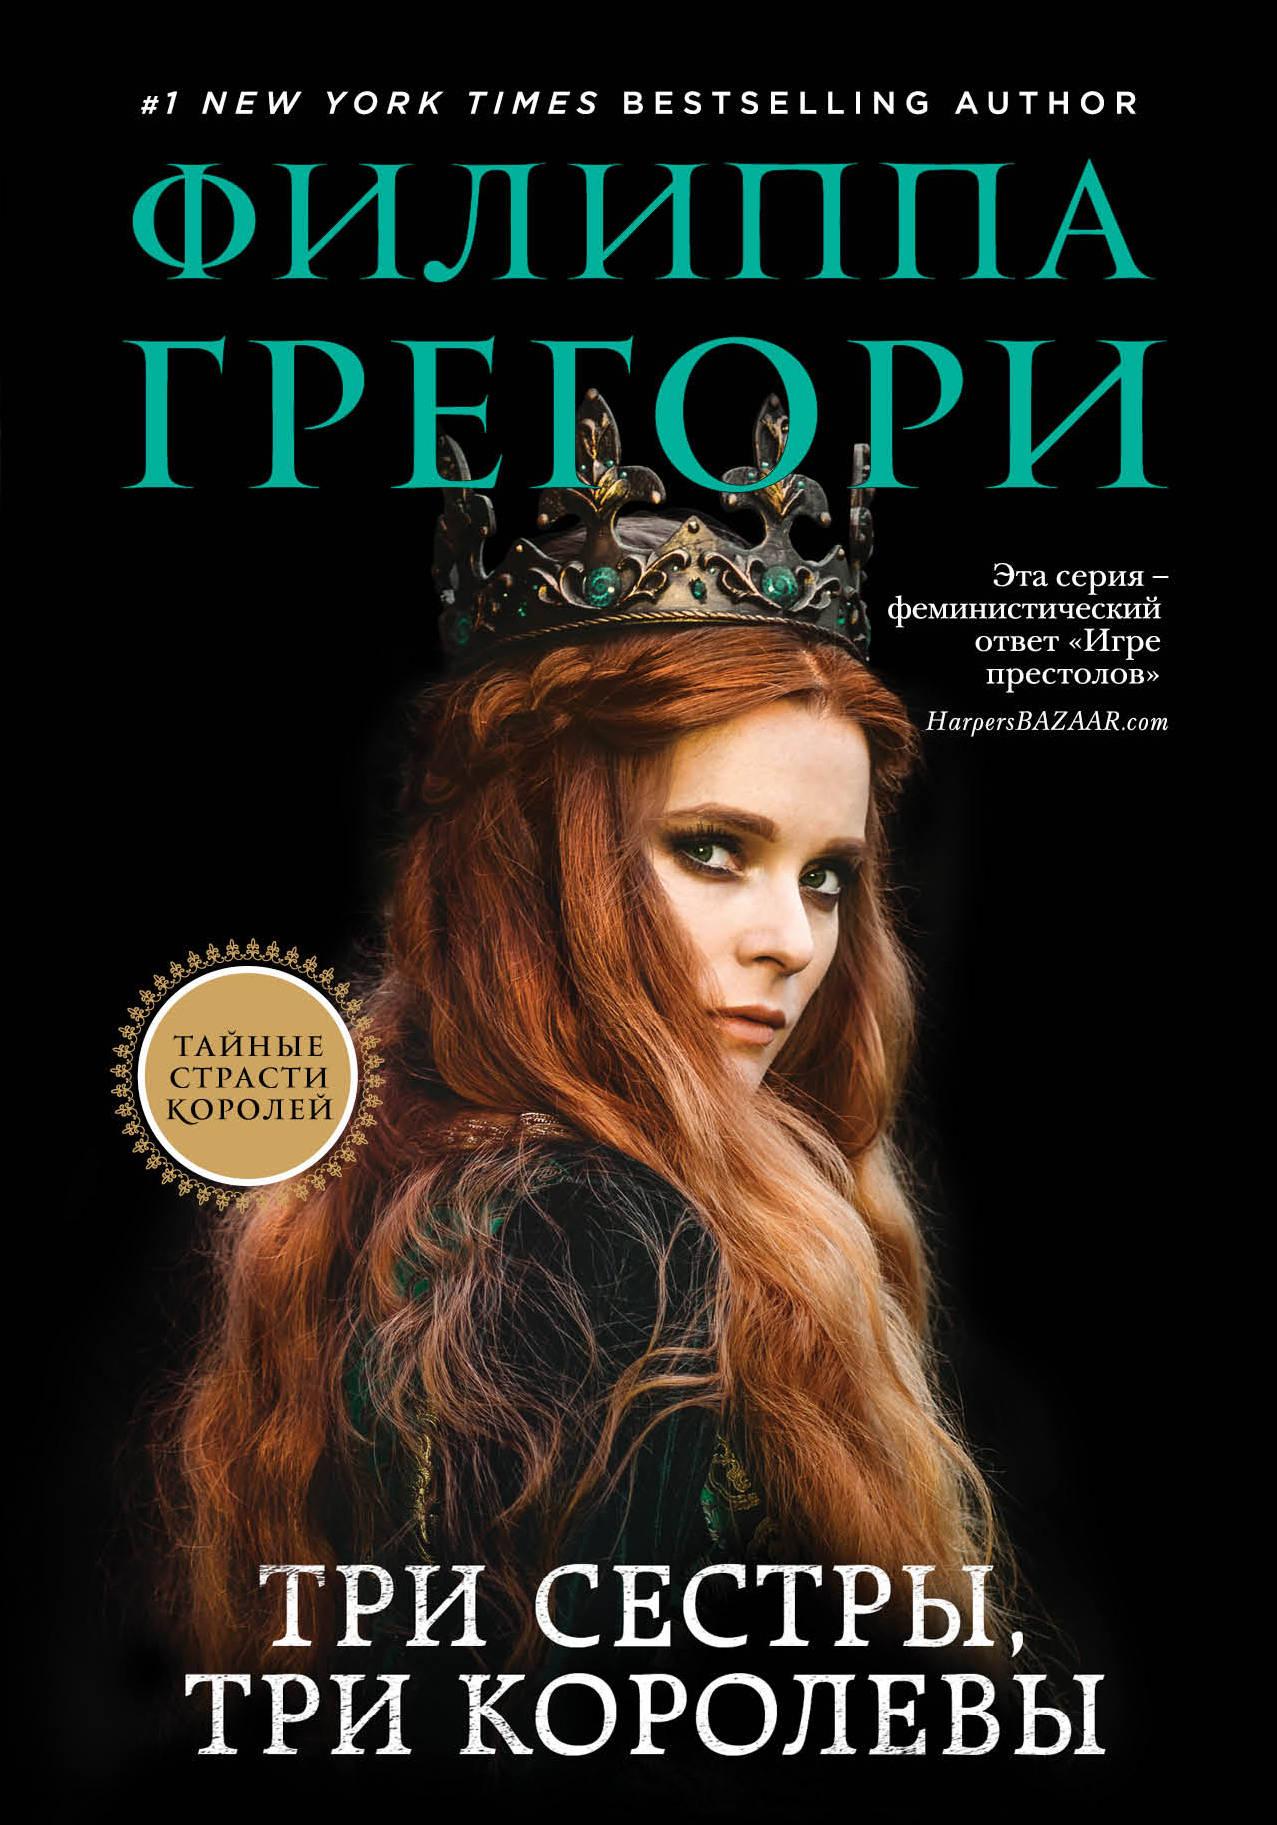 Грегори Филиппа Три сестры, три королевы жукова гладкова мария все могут королевы роман